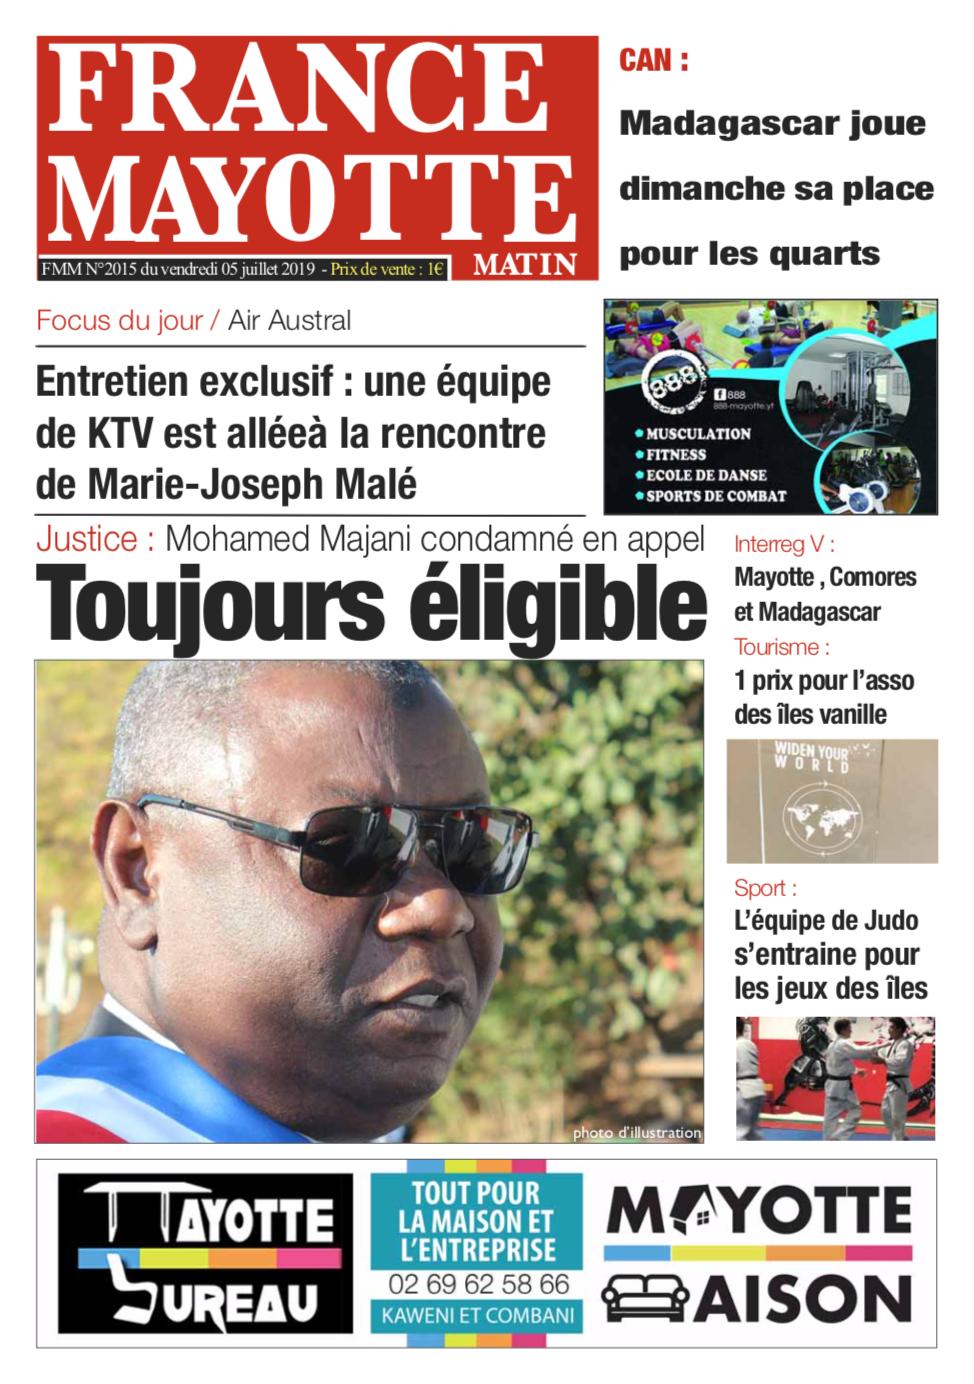 France Mayotte Vendredi 5 juillet 2019